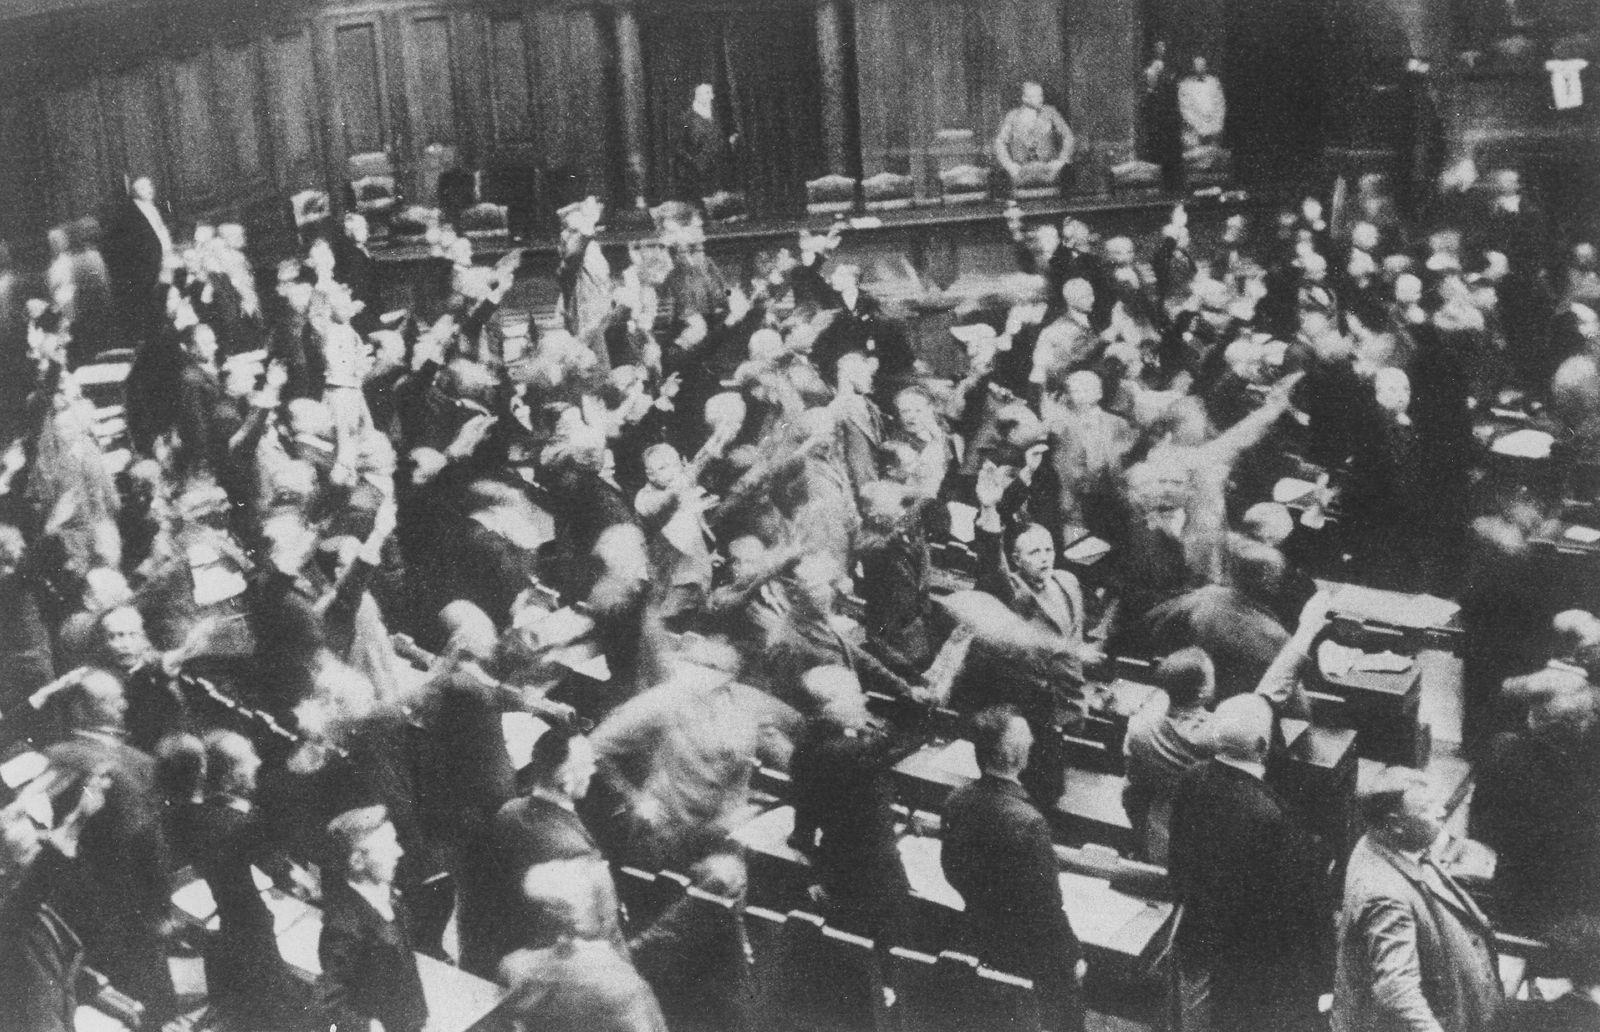 1. Massenveranstaltung der NSDAP mit Hitler als Redner im Zirkus Krone in Muenchen